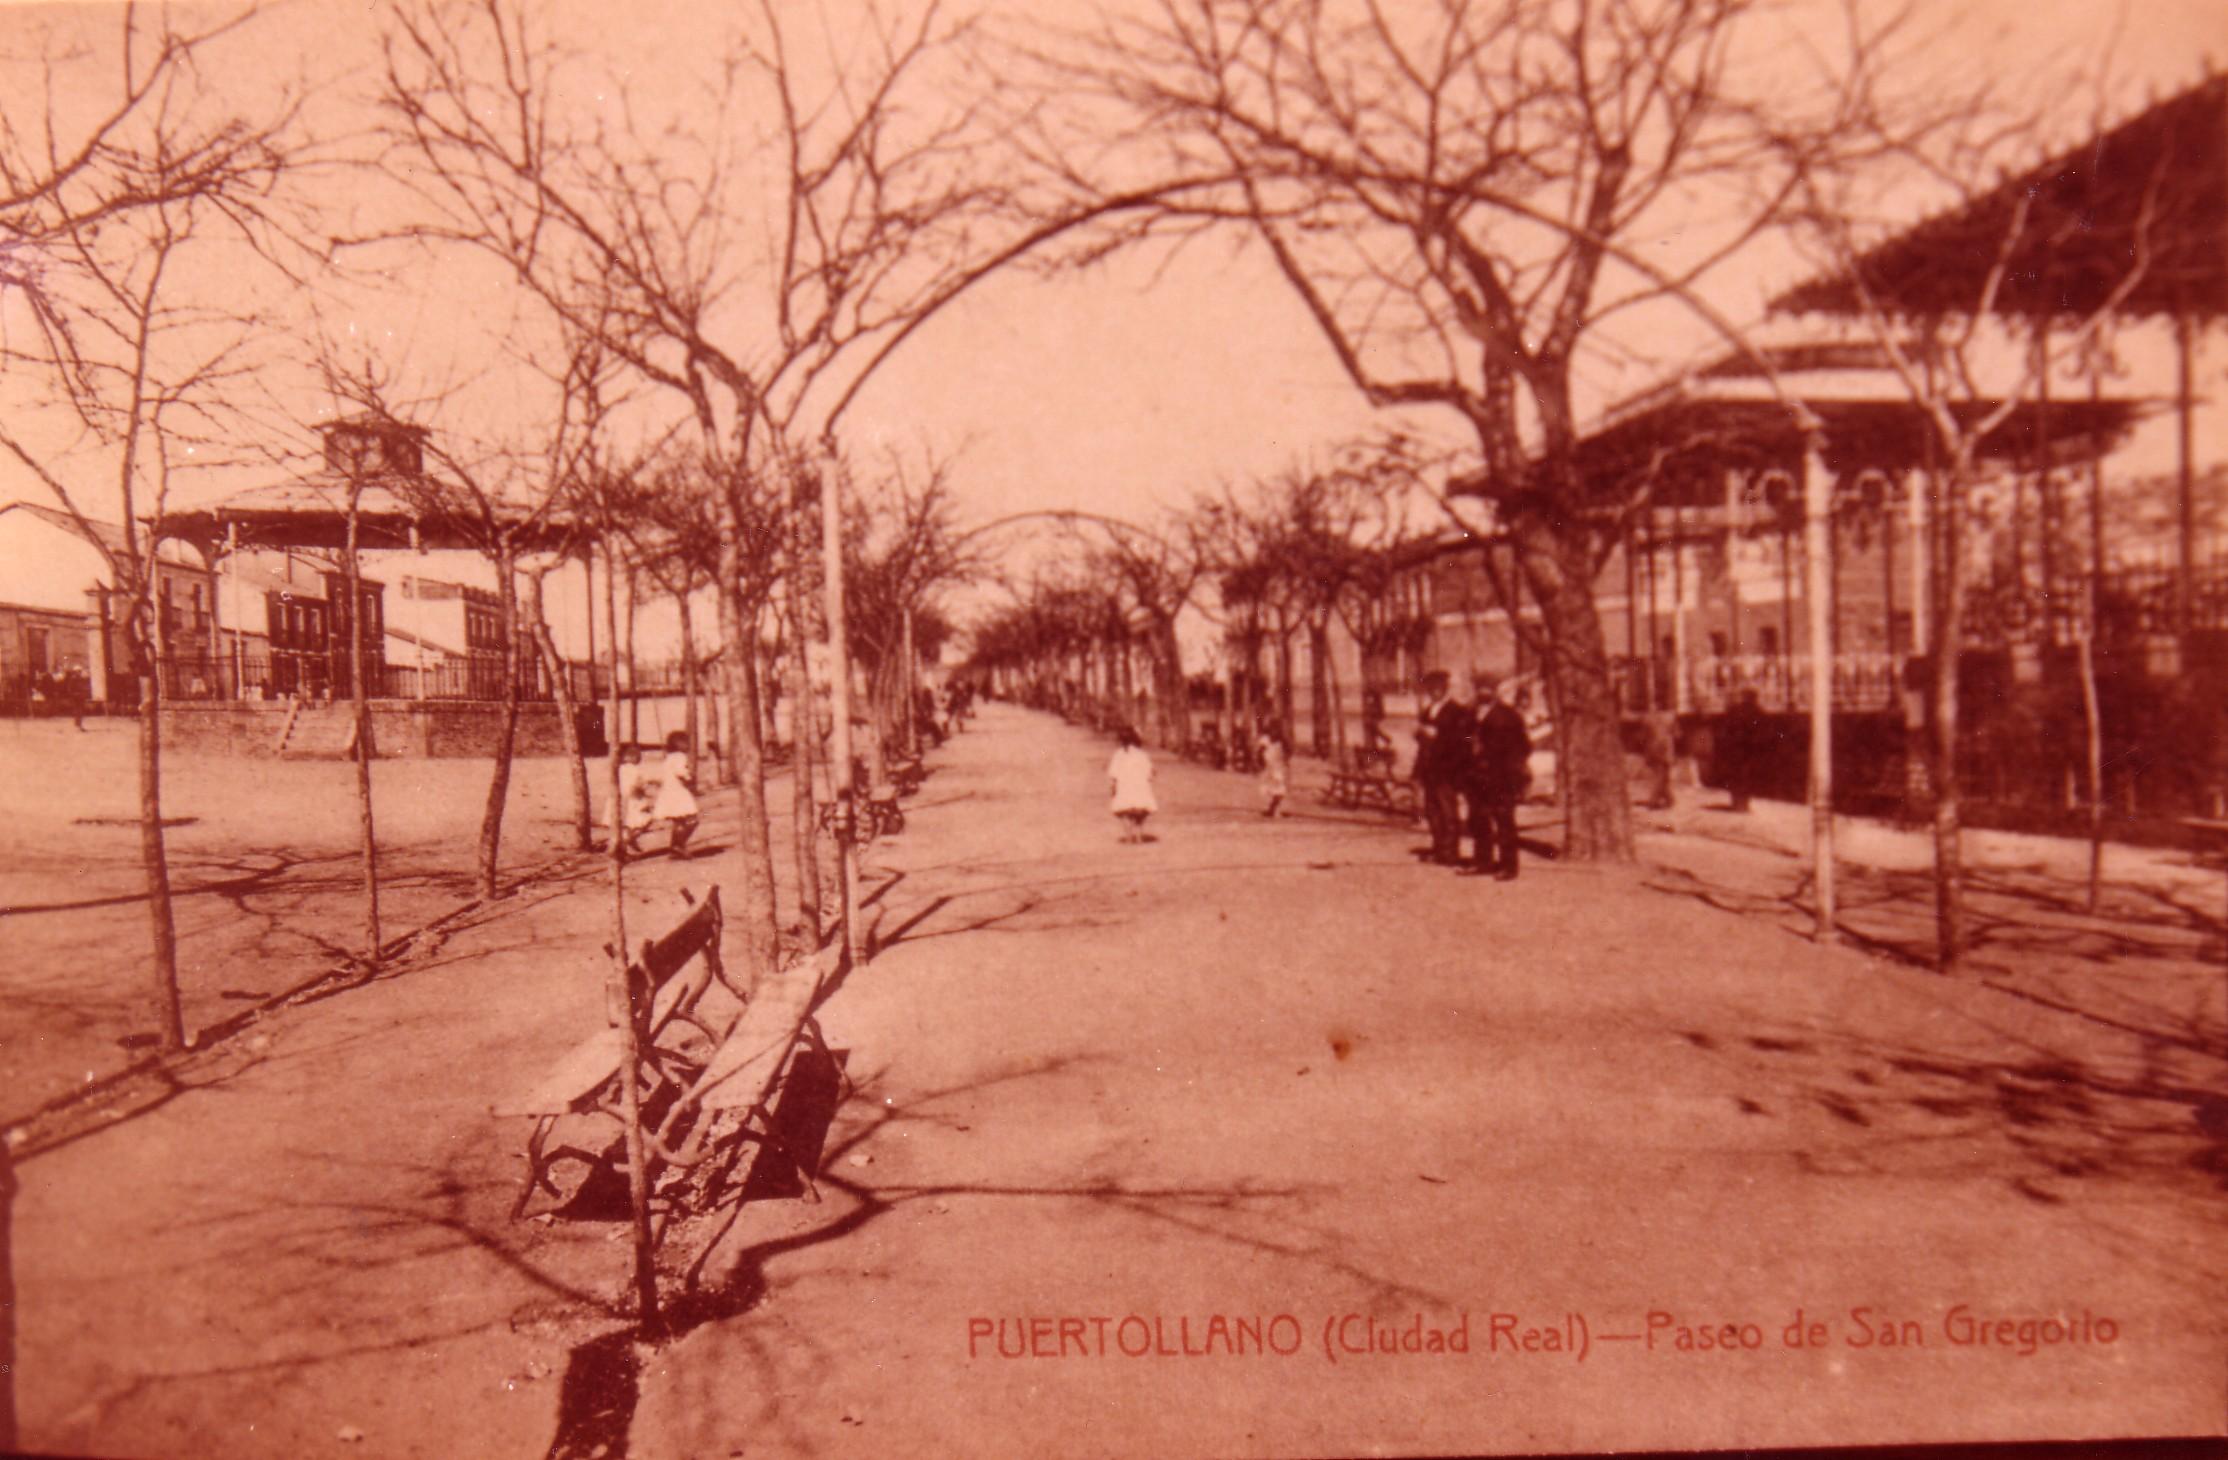 Los pabellones del Paseo de San Gregorio. . Fotografía Enrique Malagón. 1905-1920